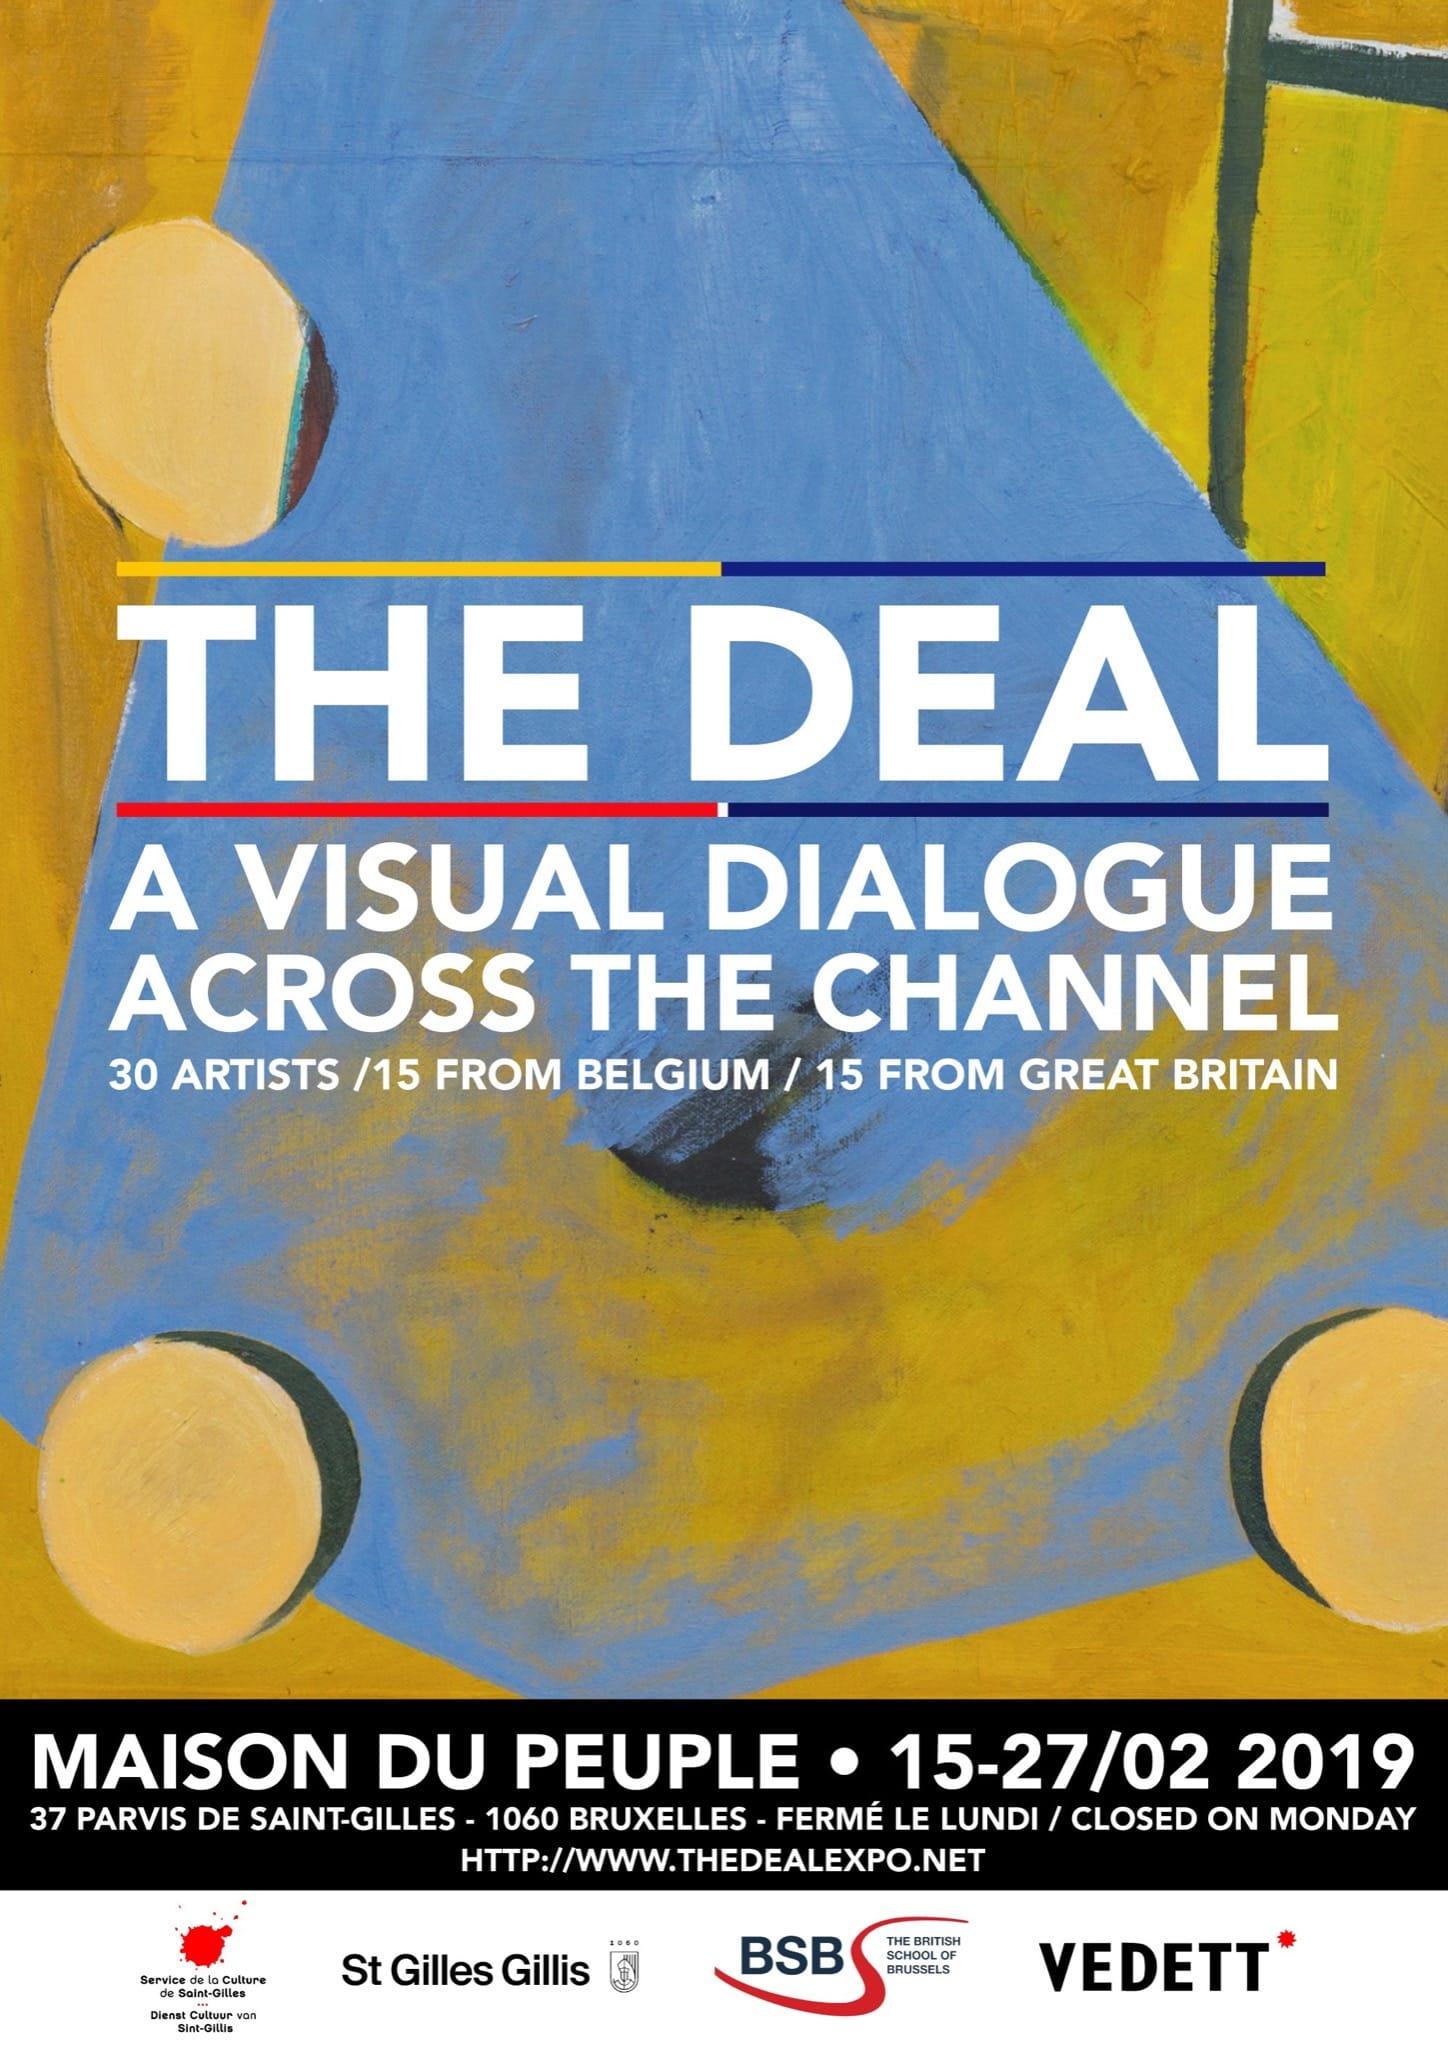 Exposition The Deal affiche Maison du Peuple Bruxelles